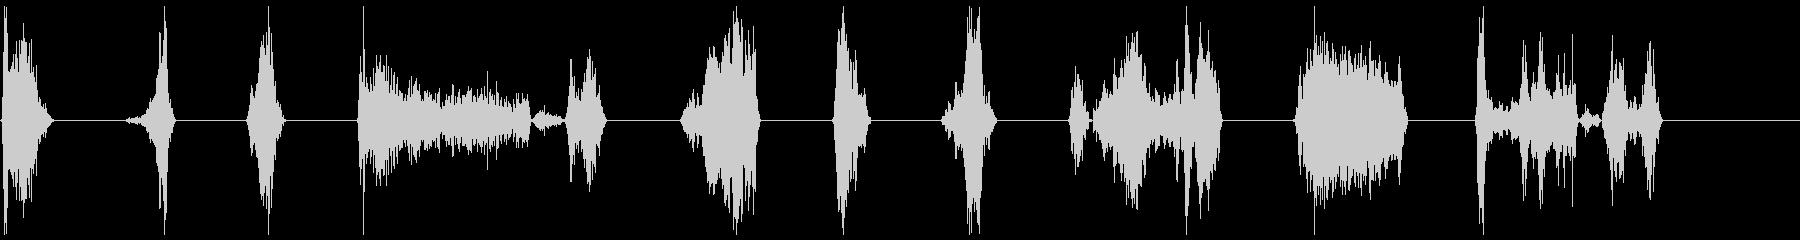 モンスター攻撃11-20の未再生の波形